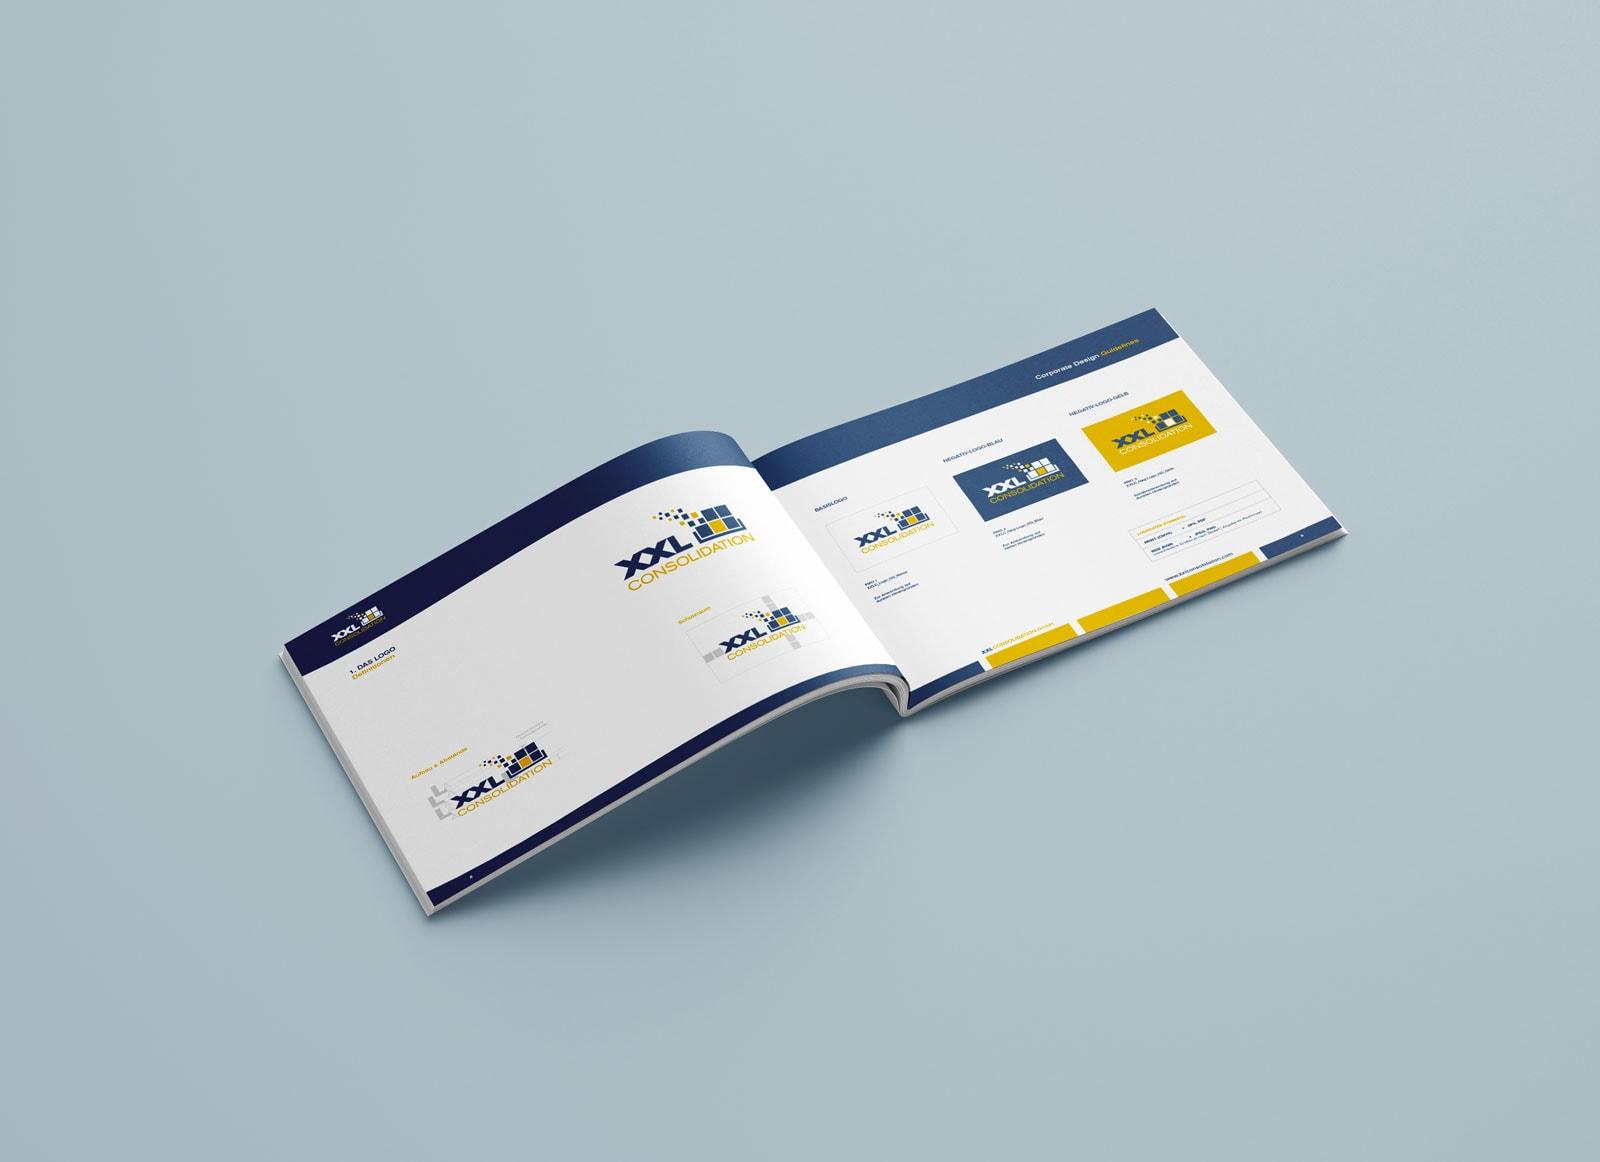 XXL Consolidation, Corporate Design Guide, Styleguide, Inhalt-3